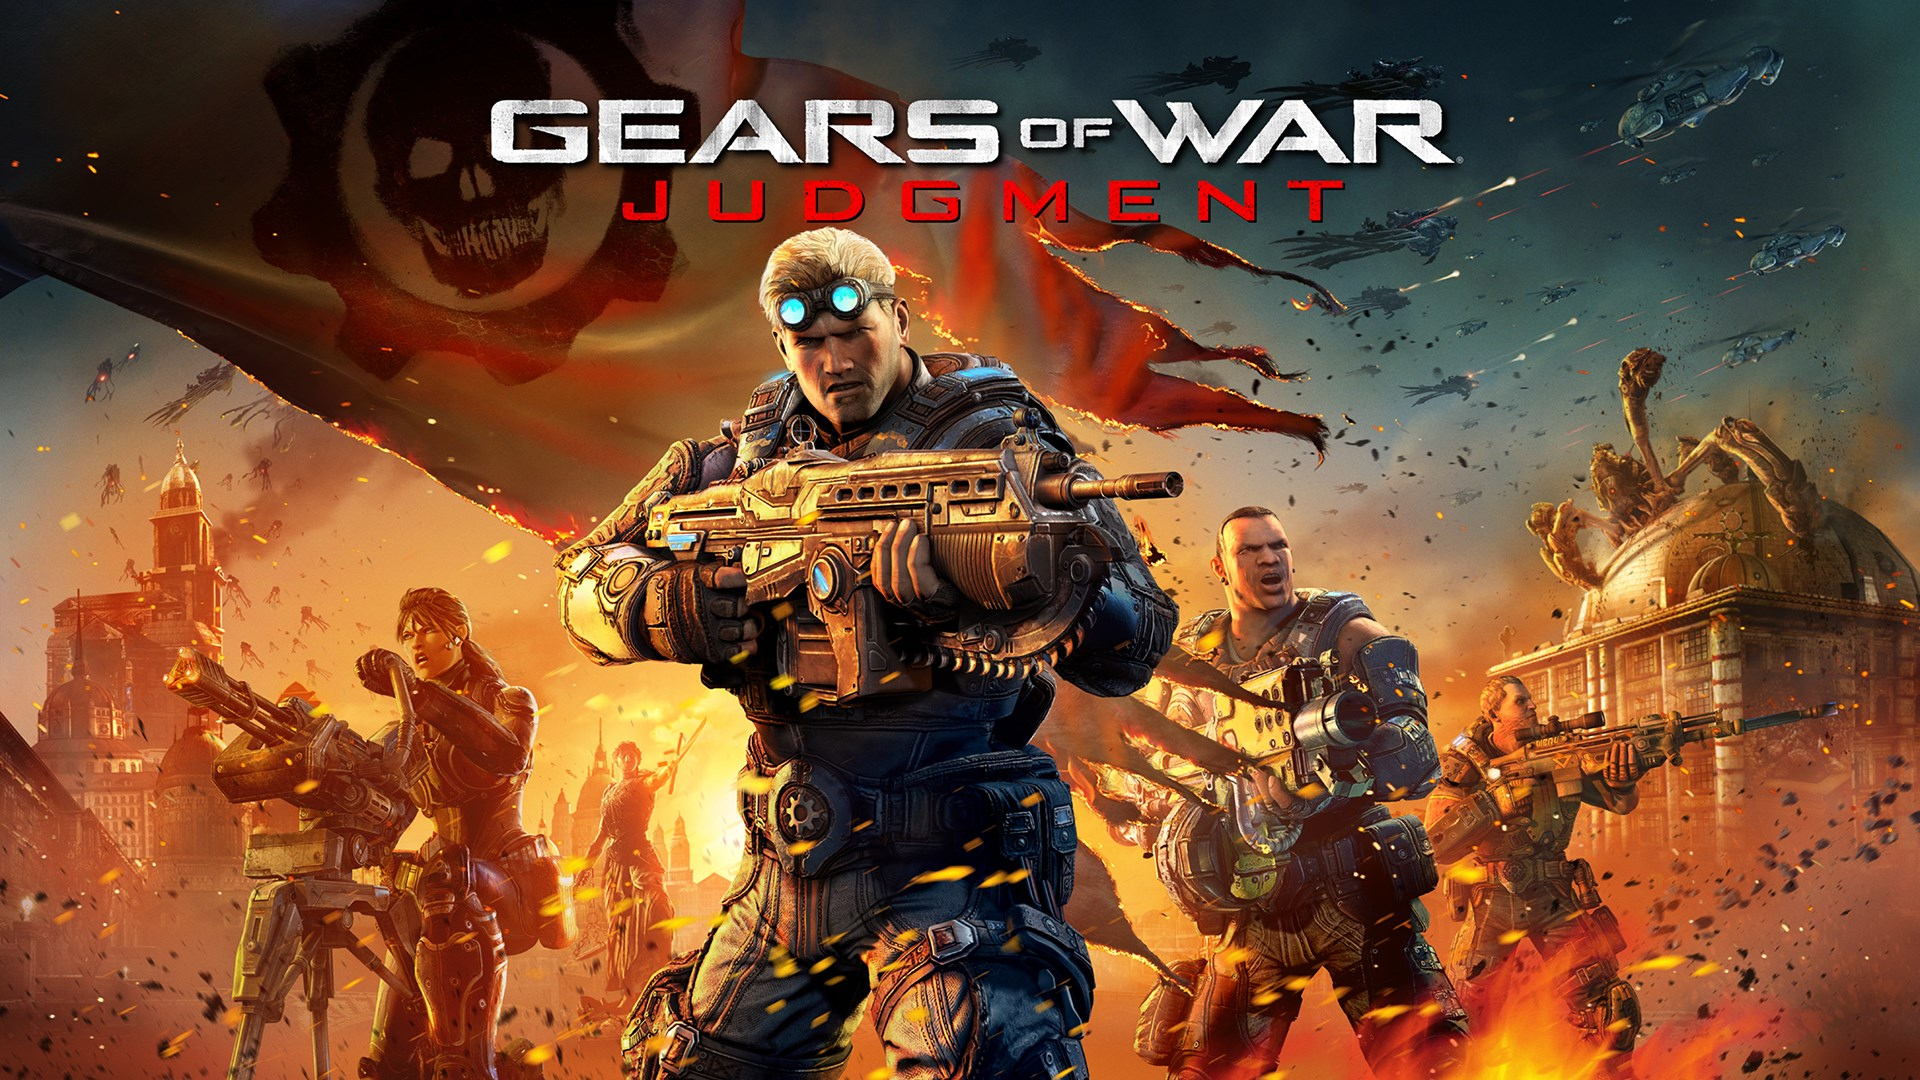 Сейчас можно забрать бесплатно 4 DLC для Gears of War Judgment